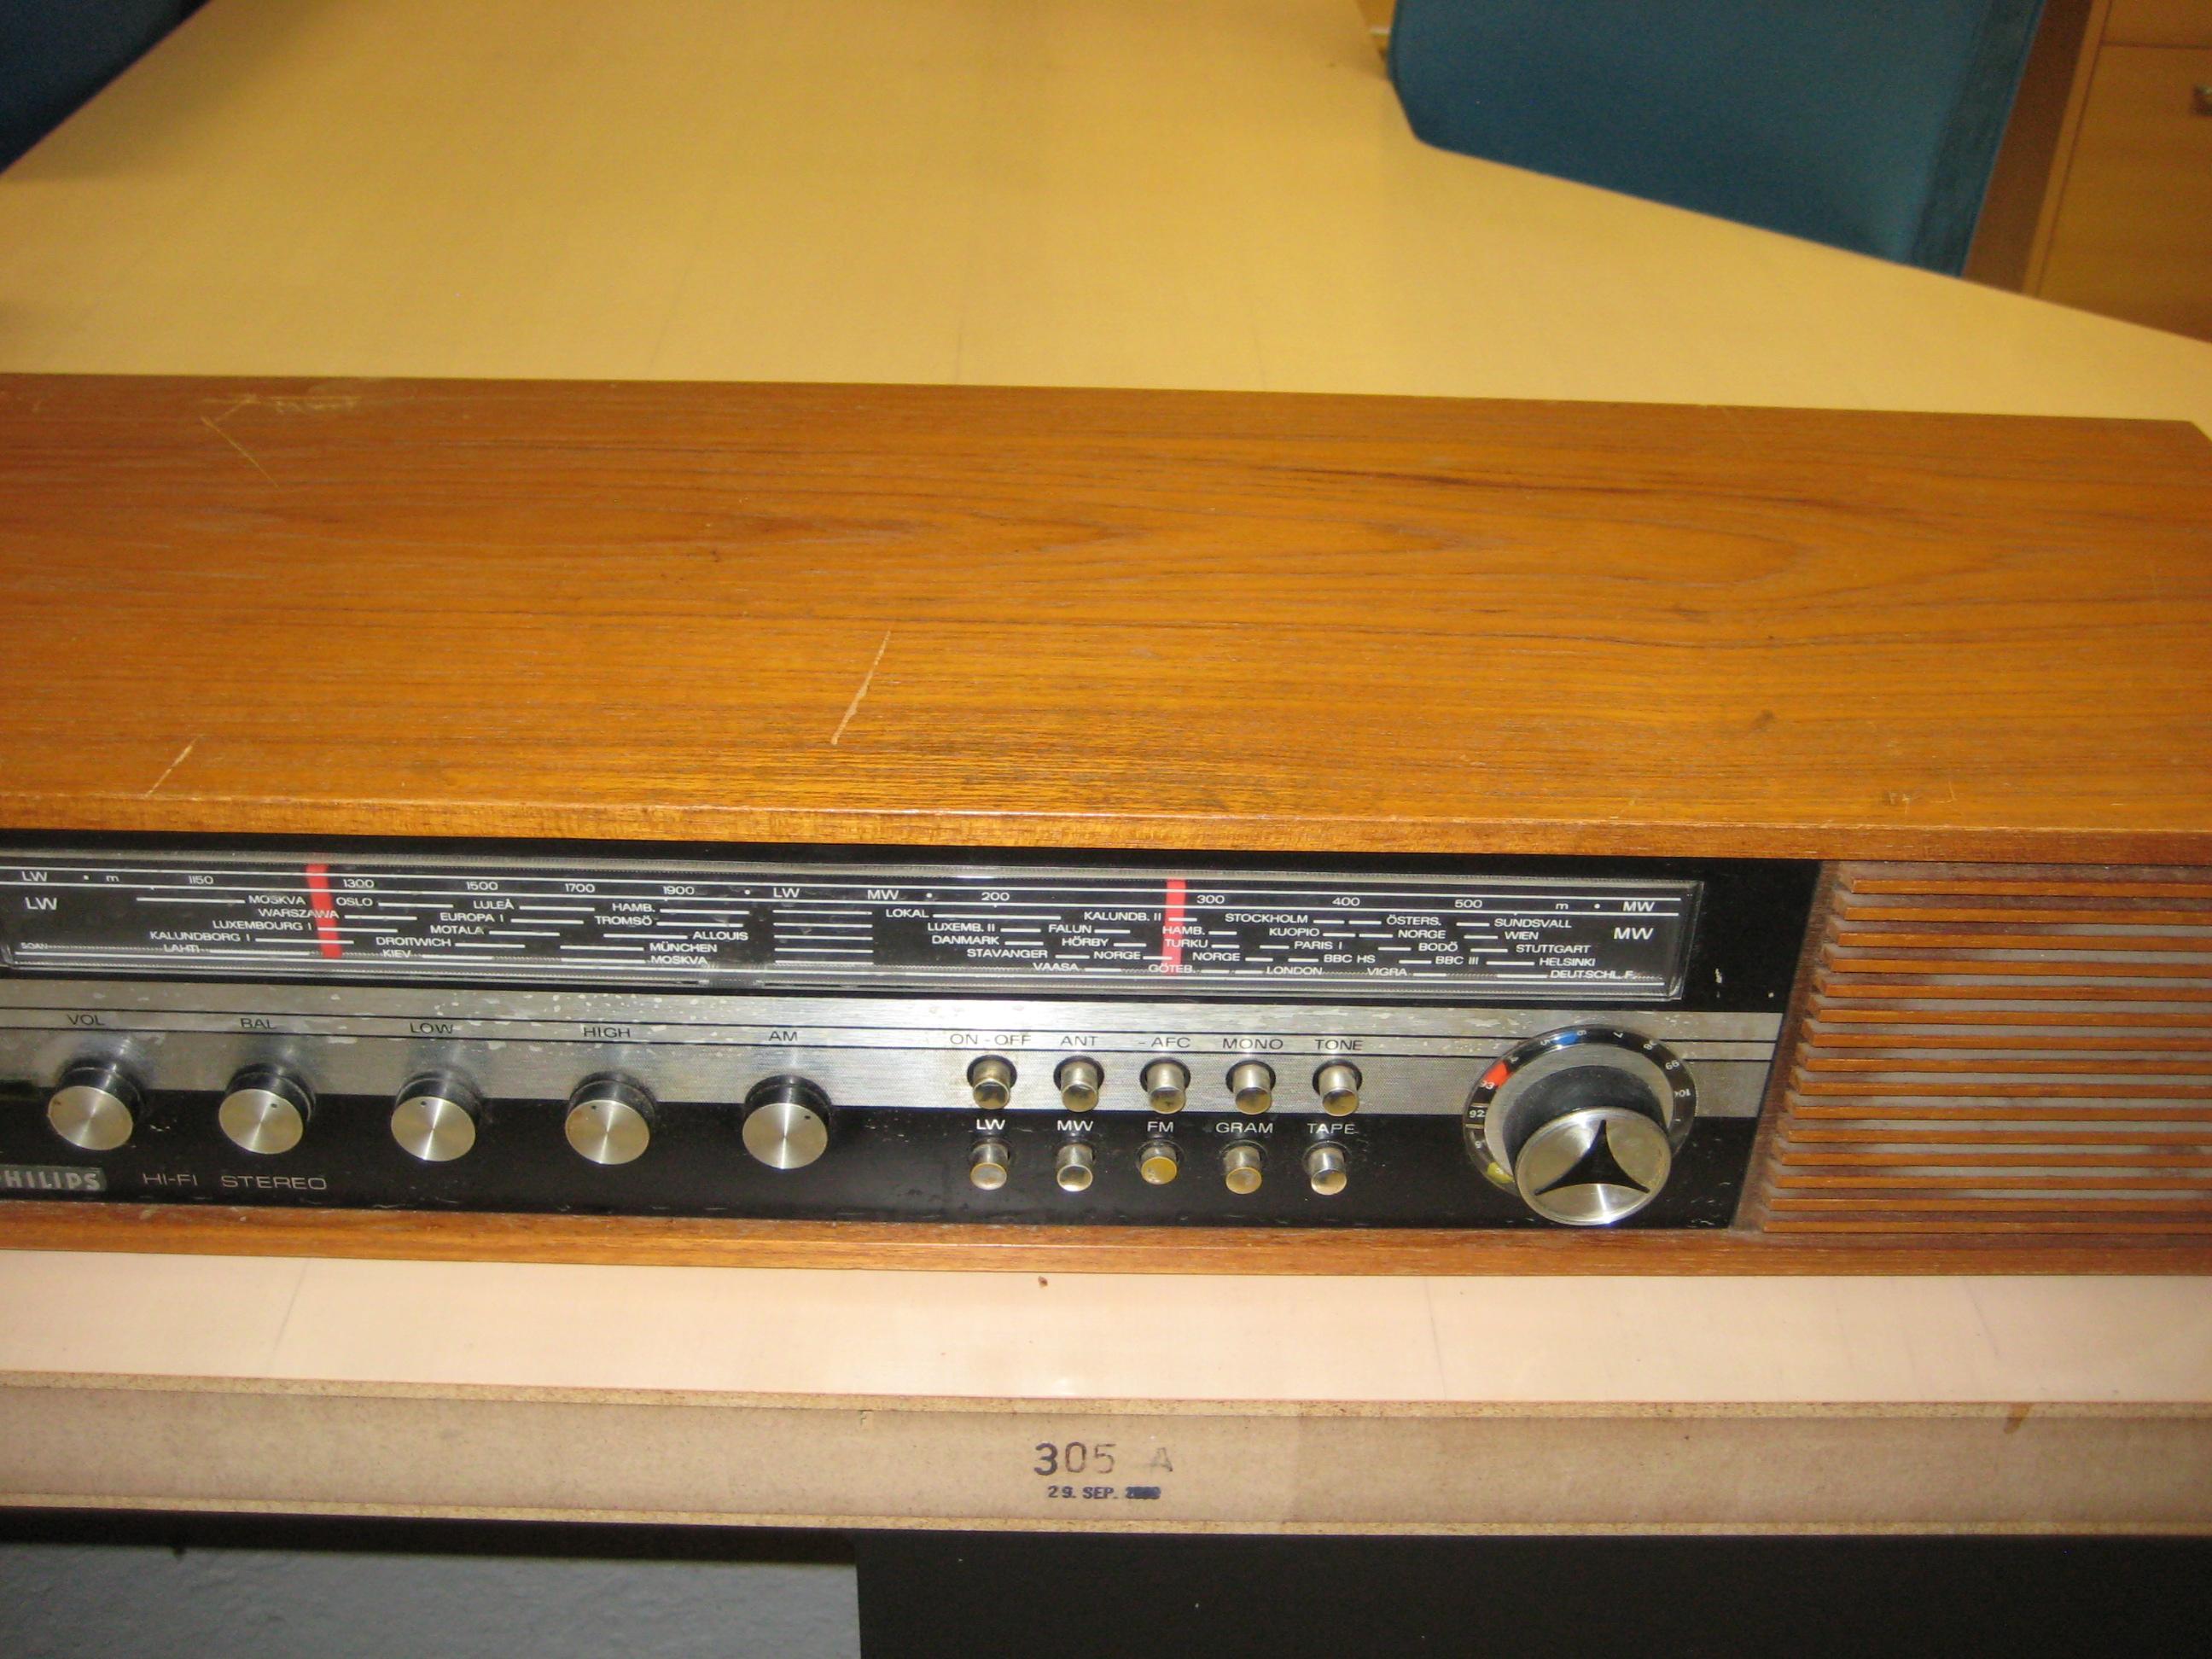 Philips stereo radio